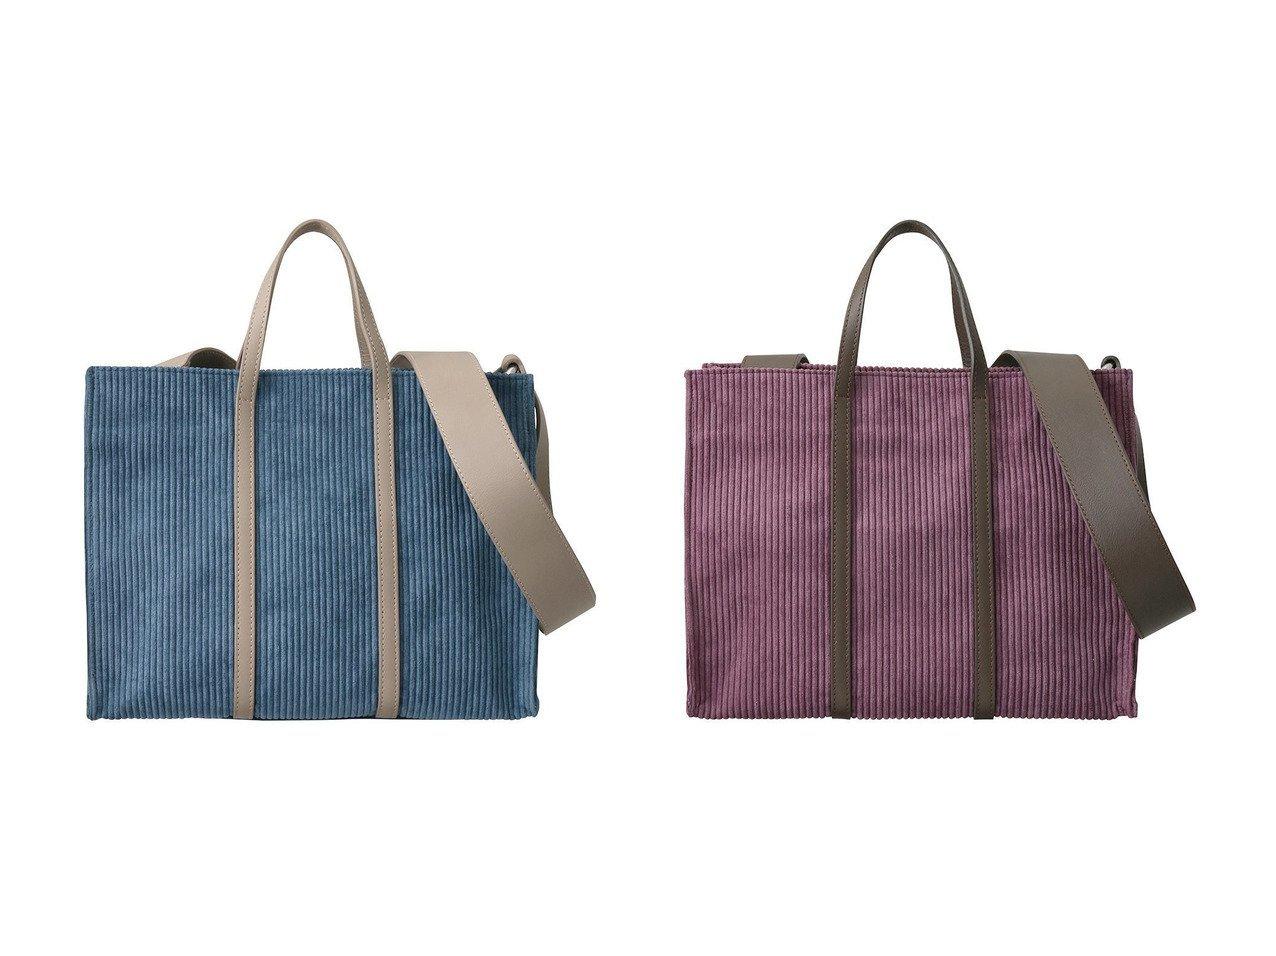 【RIEMPIRE/リエンピーレ】のBRUNA コーデュロイ2wayトートバッグ 【バッグ・鞄】おすすめ!人気、トレンド・レディースファッションの通販 おすすめで人気の流行・トレンド、ファッションの通販商品 インテリア・家具・メンズファッション・キッズファッション・レディースファッション・服の通販 founy(ファニー) https://founy.com/ ファッション Fashion レディースファッション WOMEN バッグ Bag 2020年 2020 2020-2021秋冬・A/W AW・Autumn/Winter・FW・Fall-Winter/2020-2021 2021年 2021 2021-2022秋冬・A/W AW・Autumn/Winter・FW・Fall-Winter・2021-2022 A/W・秋冬 AW・Autumn/Winter・FW・Fall-Winter おすすめ Recommend コーデュロイ ショルダー ハンドバッグ  ID:crp329100000065091